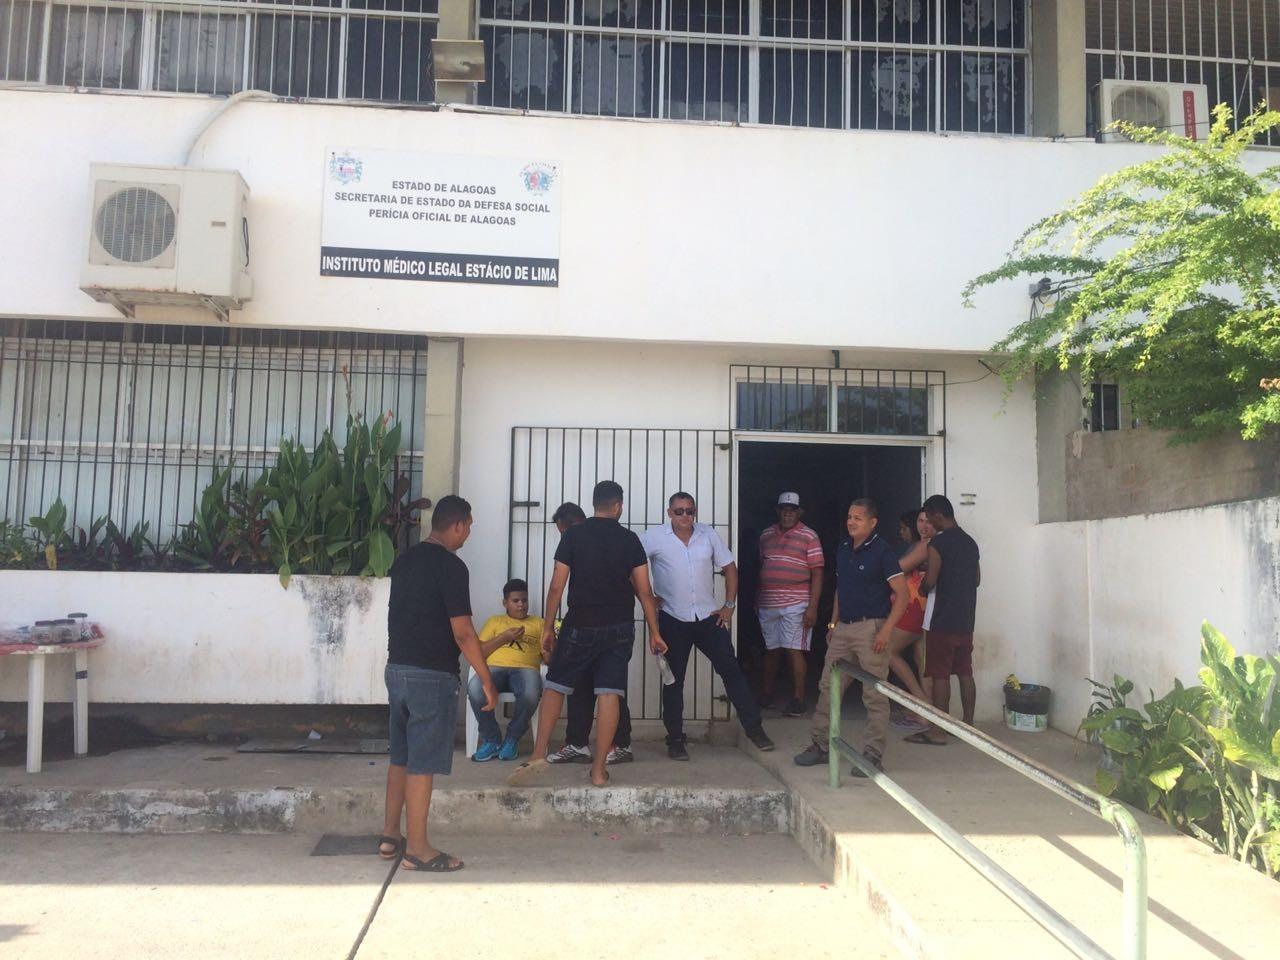 Atraso na liberação de corpos em Maceió foi causado por falta de pessoal, diz IML